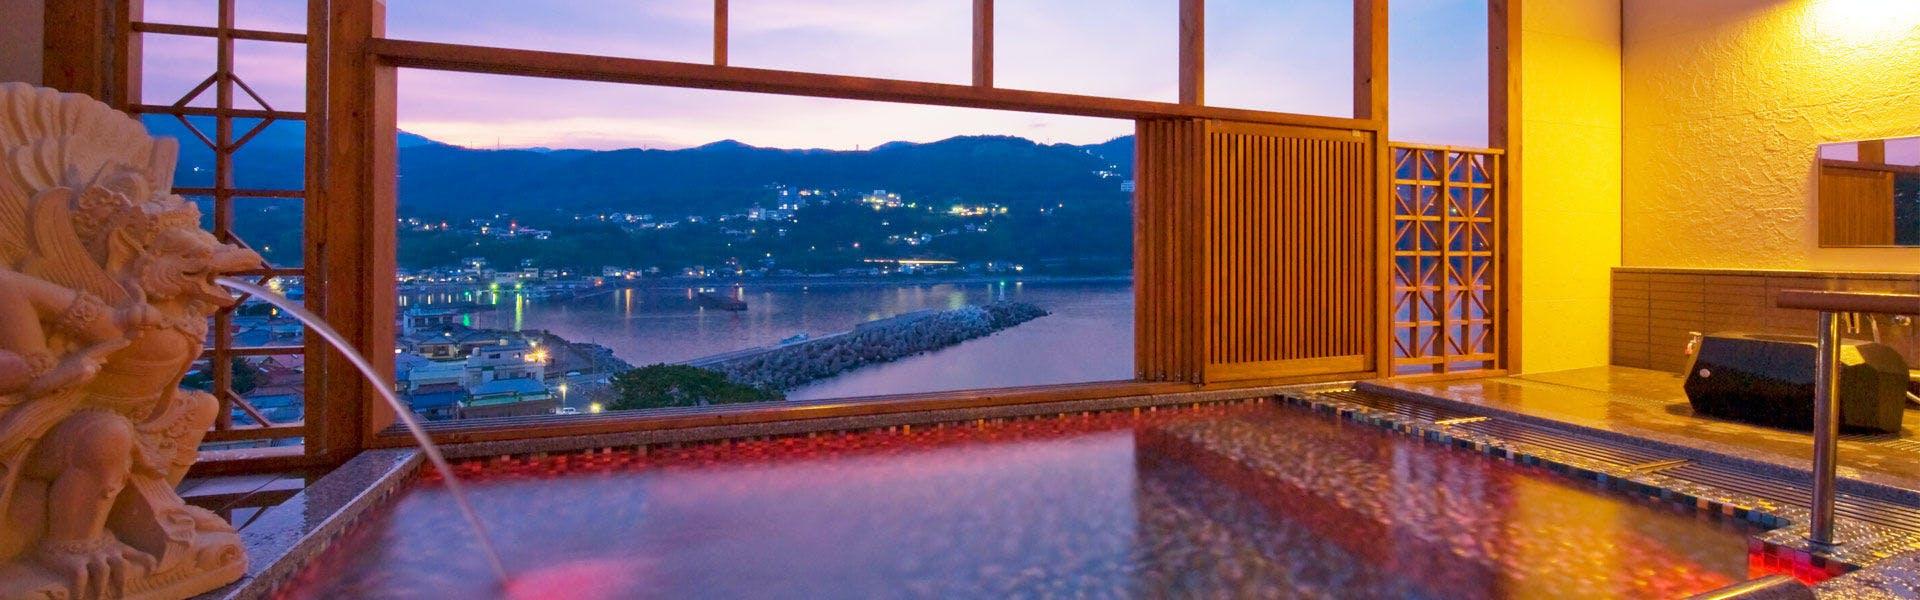 記念日におすすめのホテル・食べるお宿 浜の湯の写真1